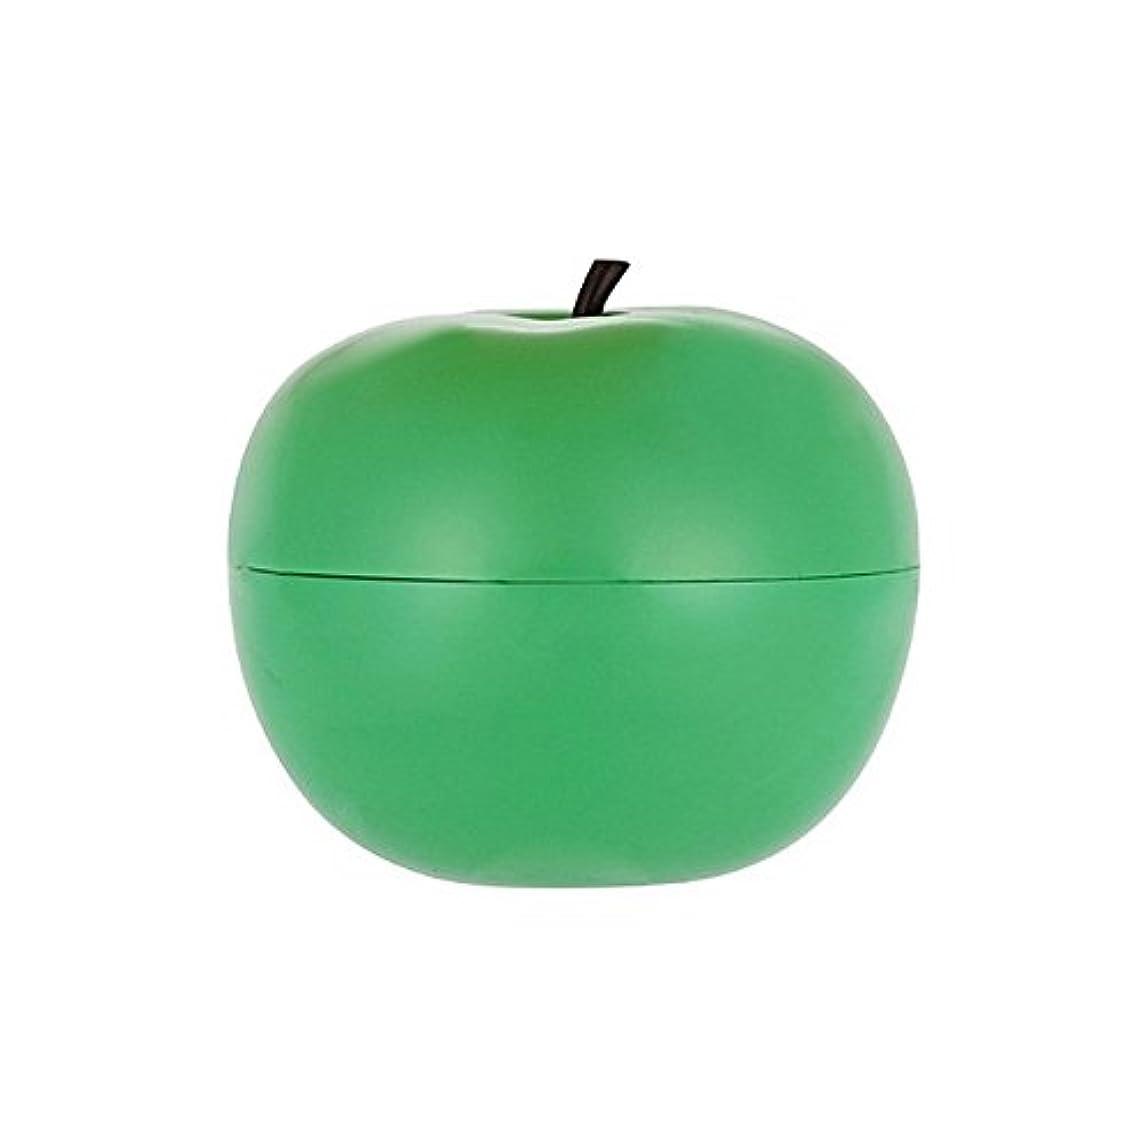 遮る市区町村みなさんトニーモリースムーズマッサージピーリングクリーム80グラム x4 - Tony Moly Appletox Smooth Massage Peeling Cream 80G (Pack of 4) [並行輸入品]